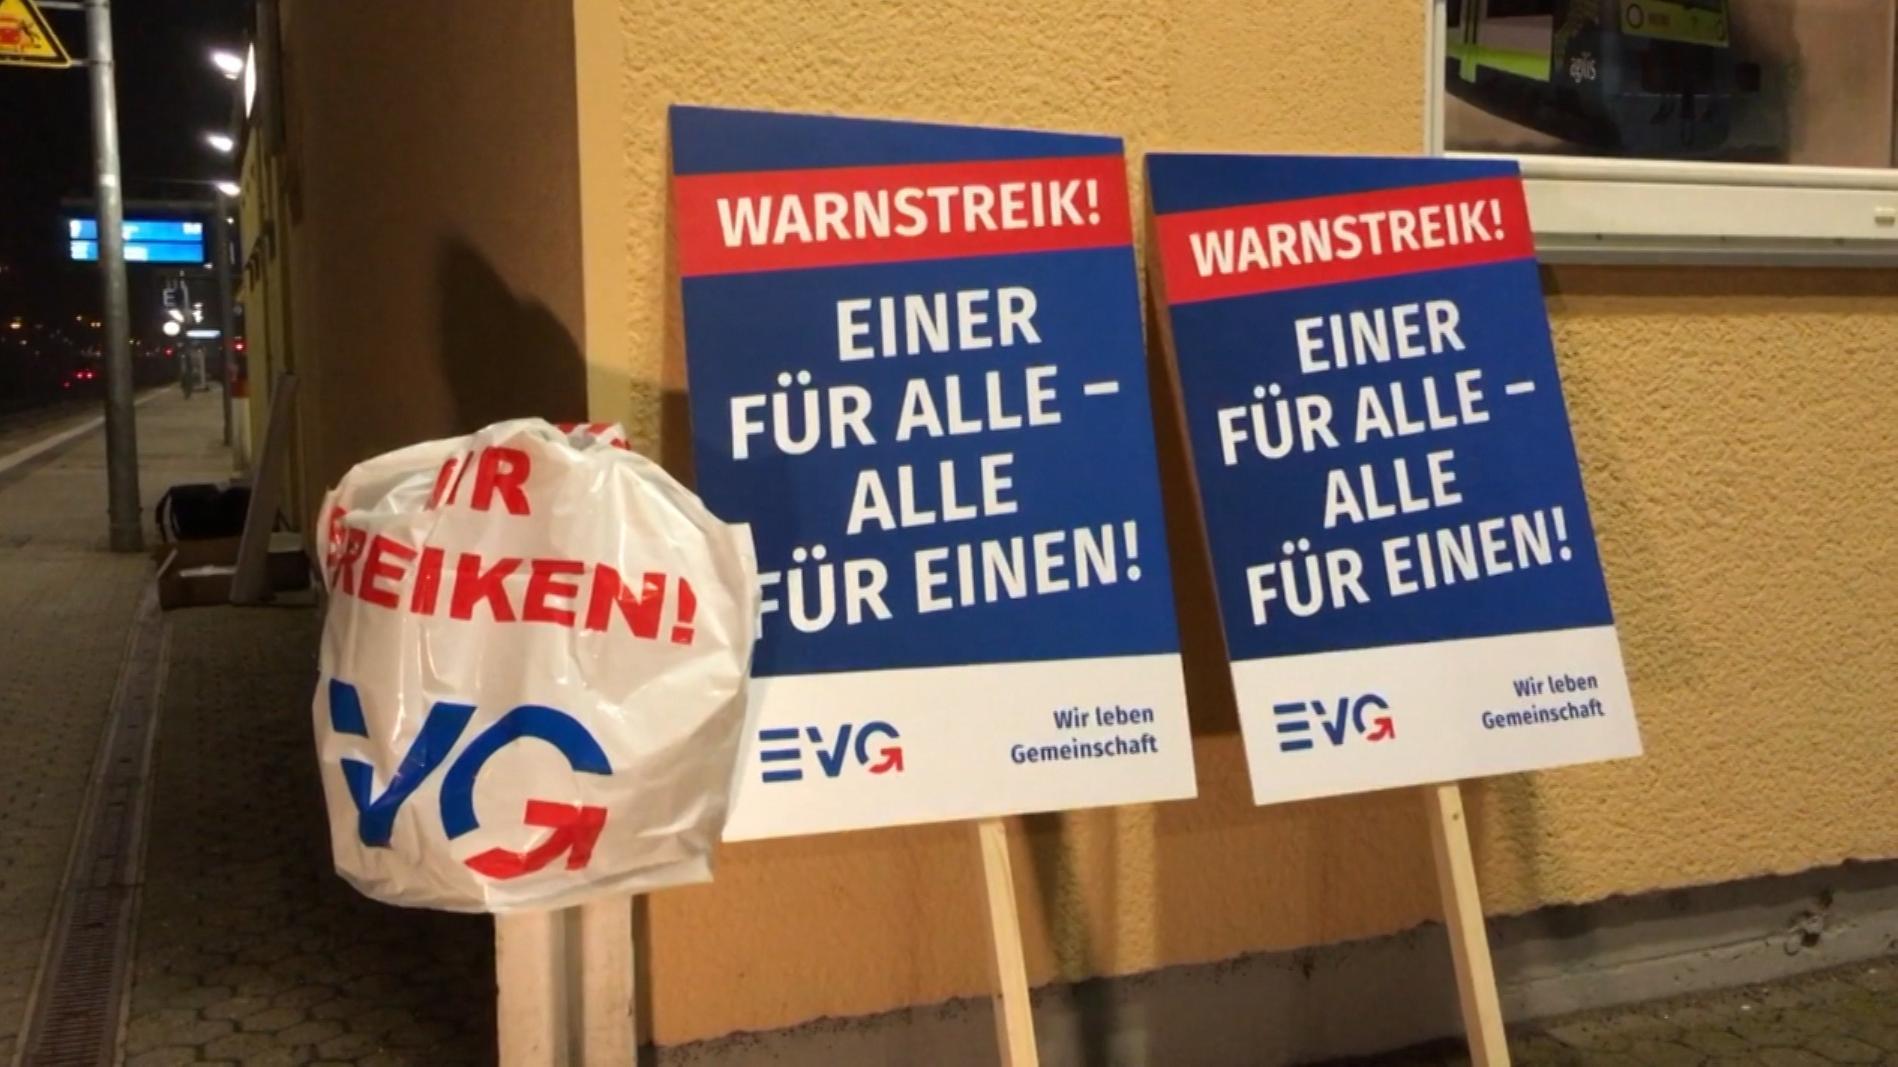 Warnstreik-Plakat der EVG